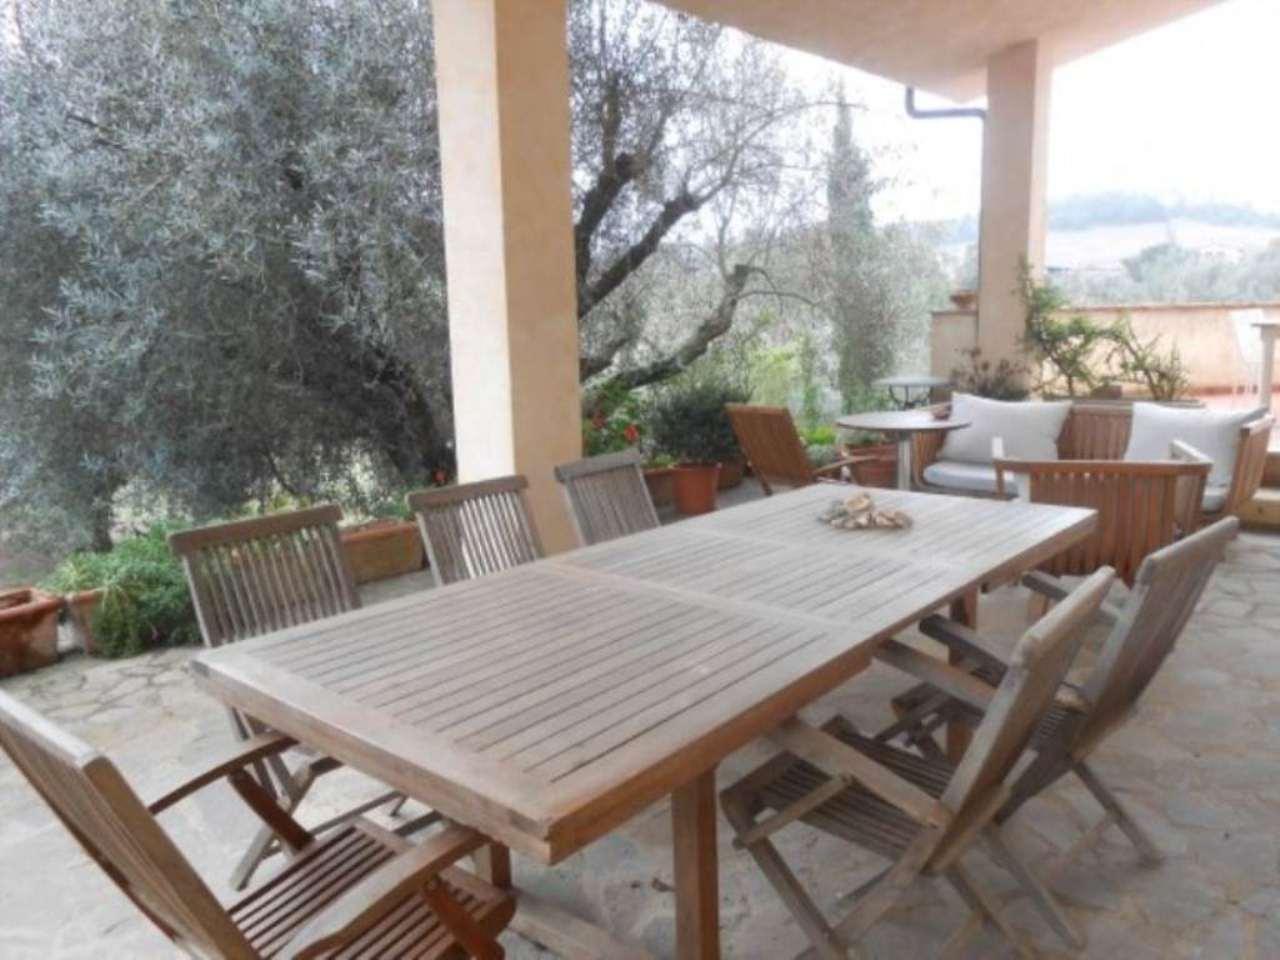 Villa in vendita a Bracciano, 12 locali, Trattative riservate | Cambio Casa.it